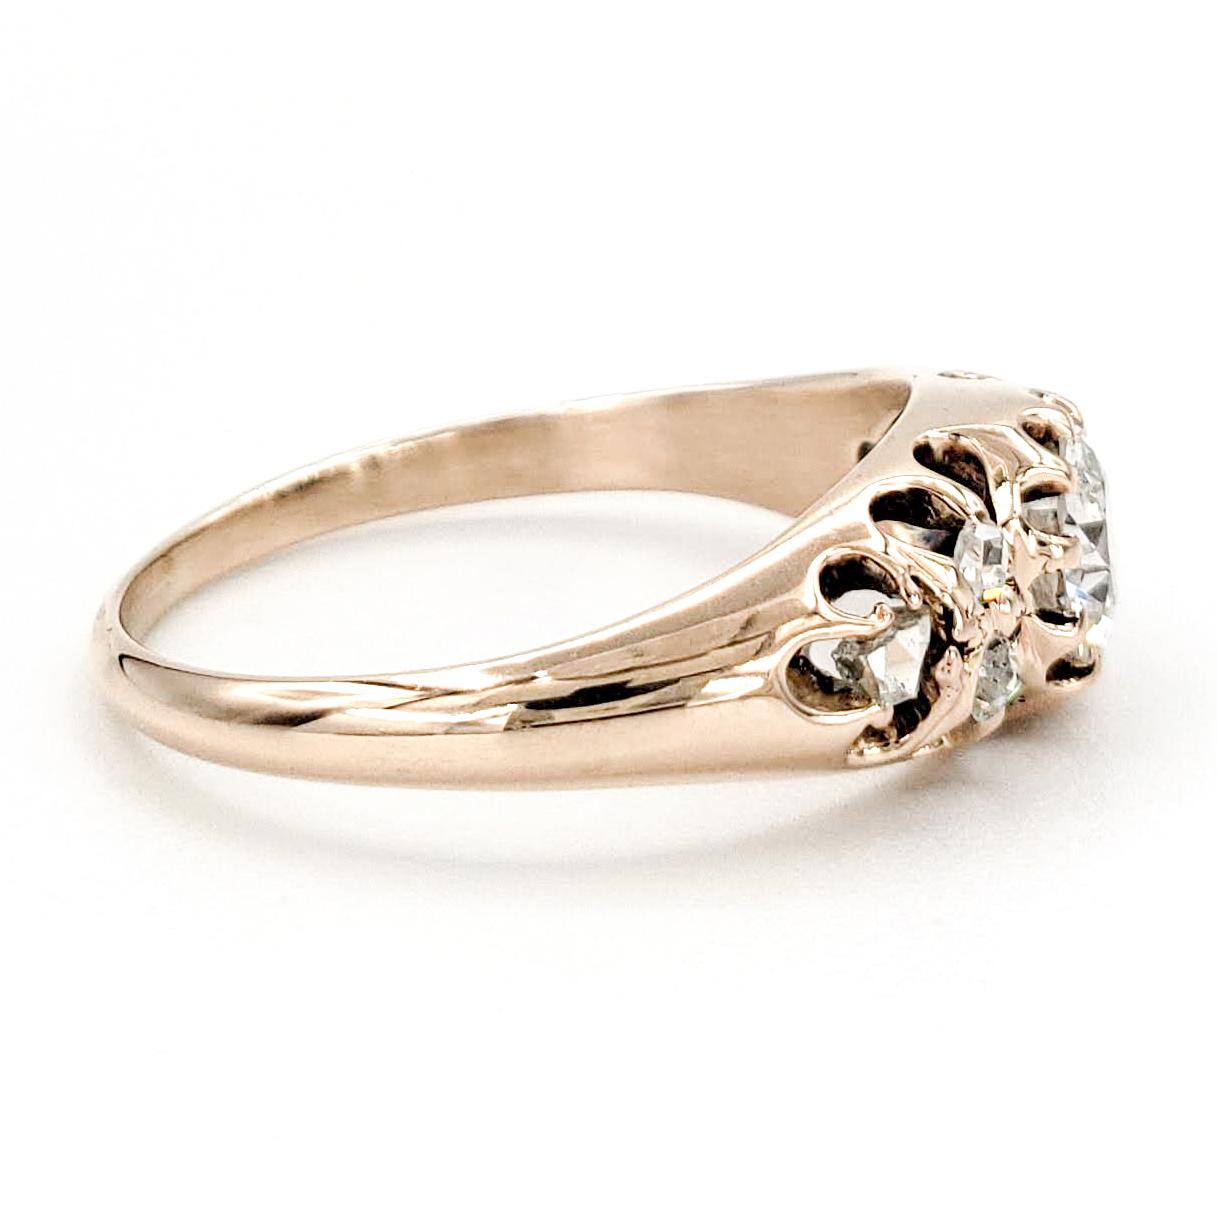 vintage-10-karat-gold-engagement-ring-with-0-45-carat-old-european-cut-diamond